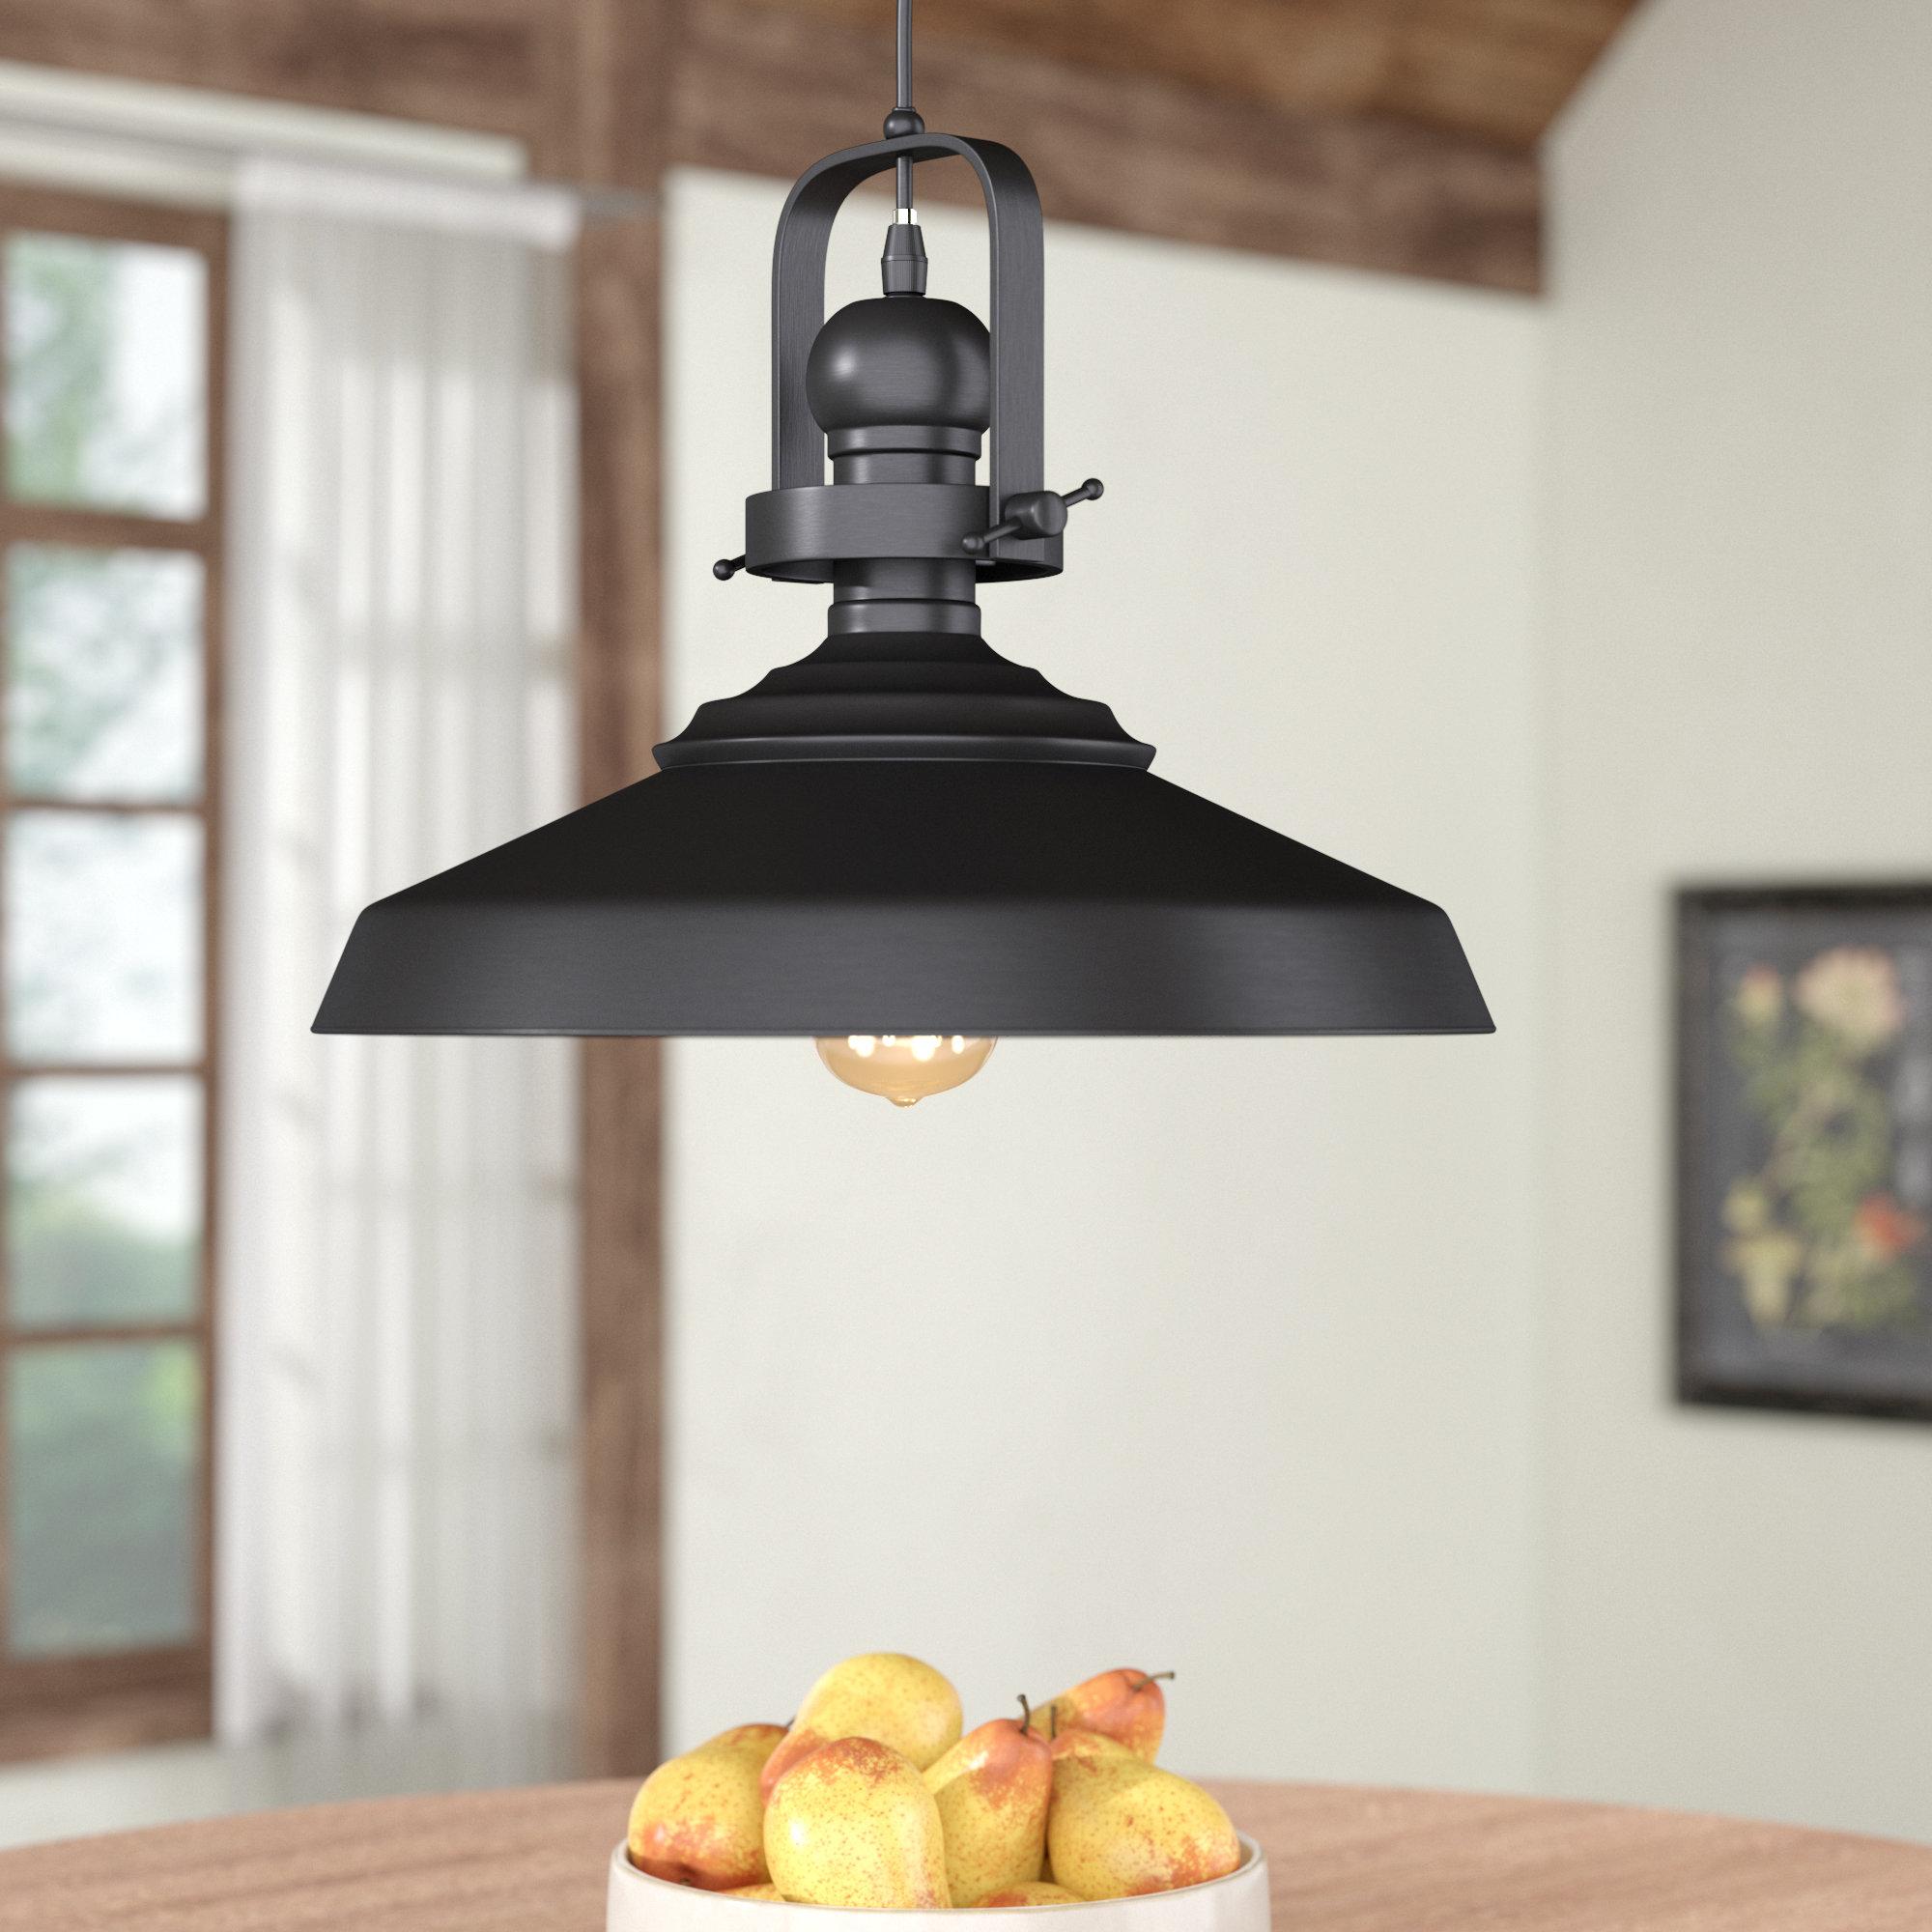 Estelle 1 Light Single Dome Pendant Intended For Stetson 1 Light Bowl Pendants (Gallery 27 of 30)